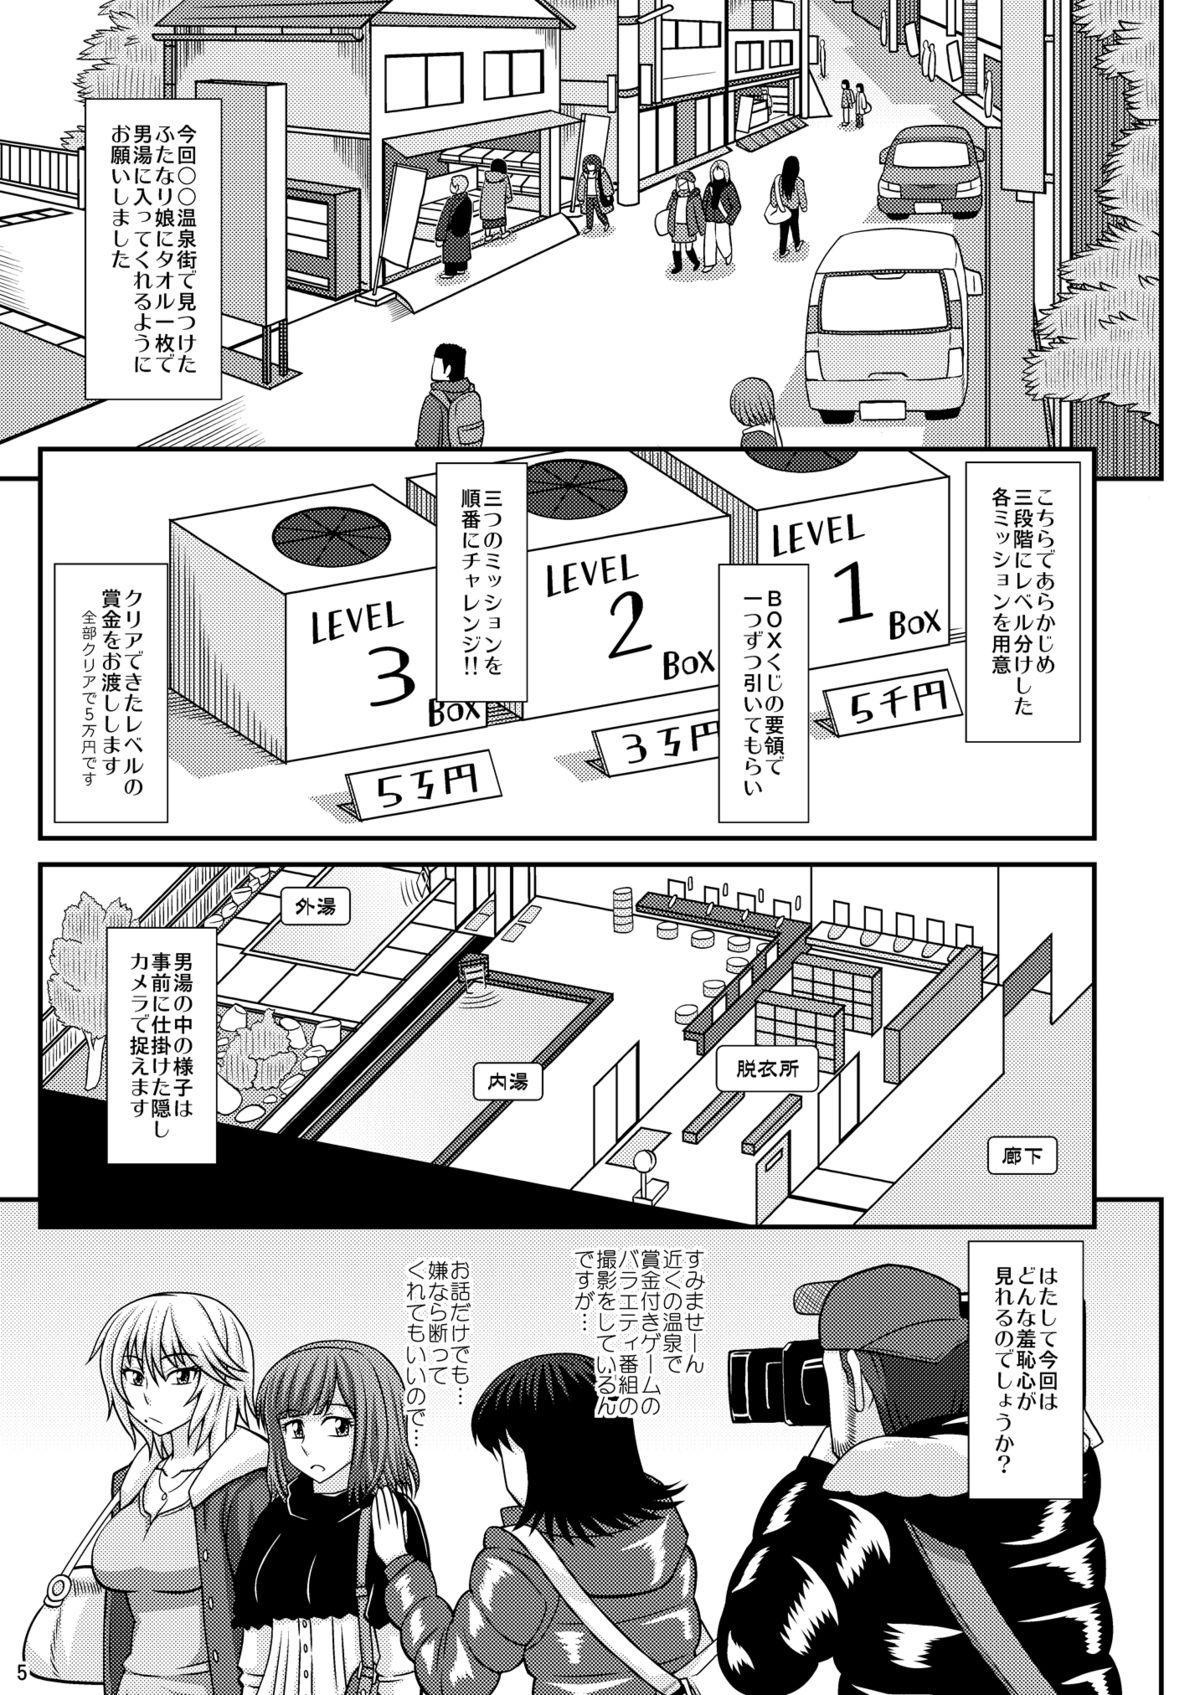 Futanari Musume Otokoyu Mission 3